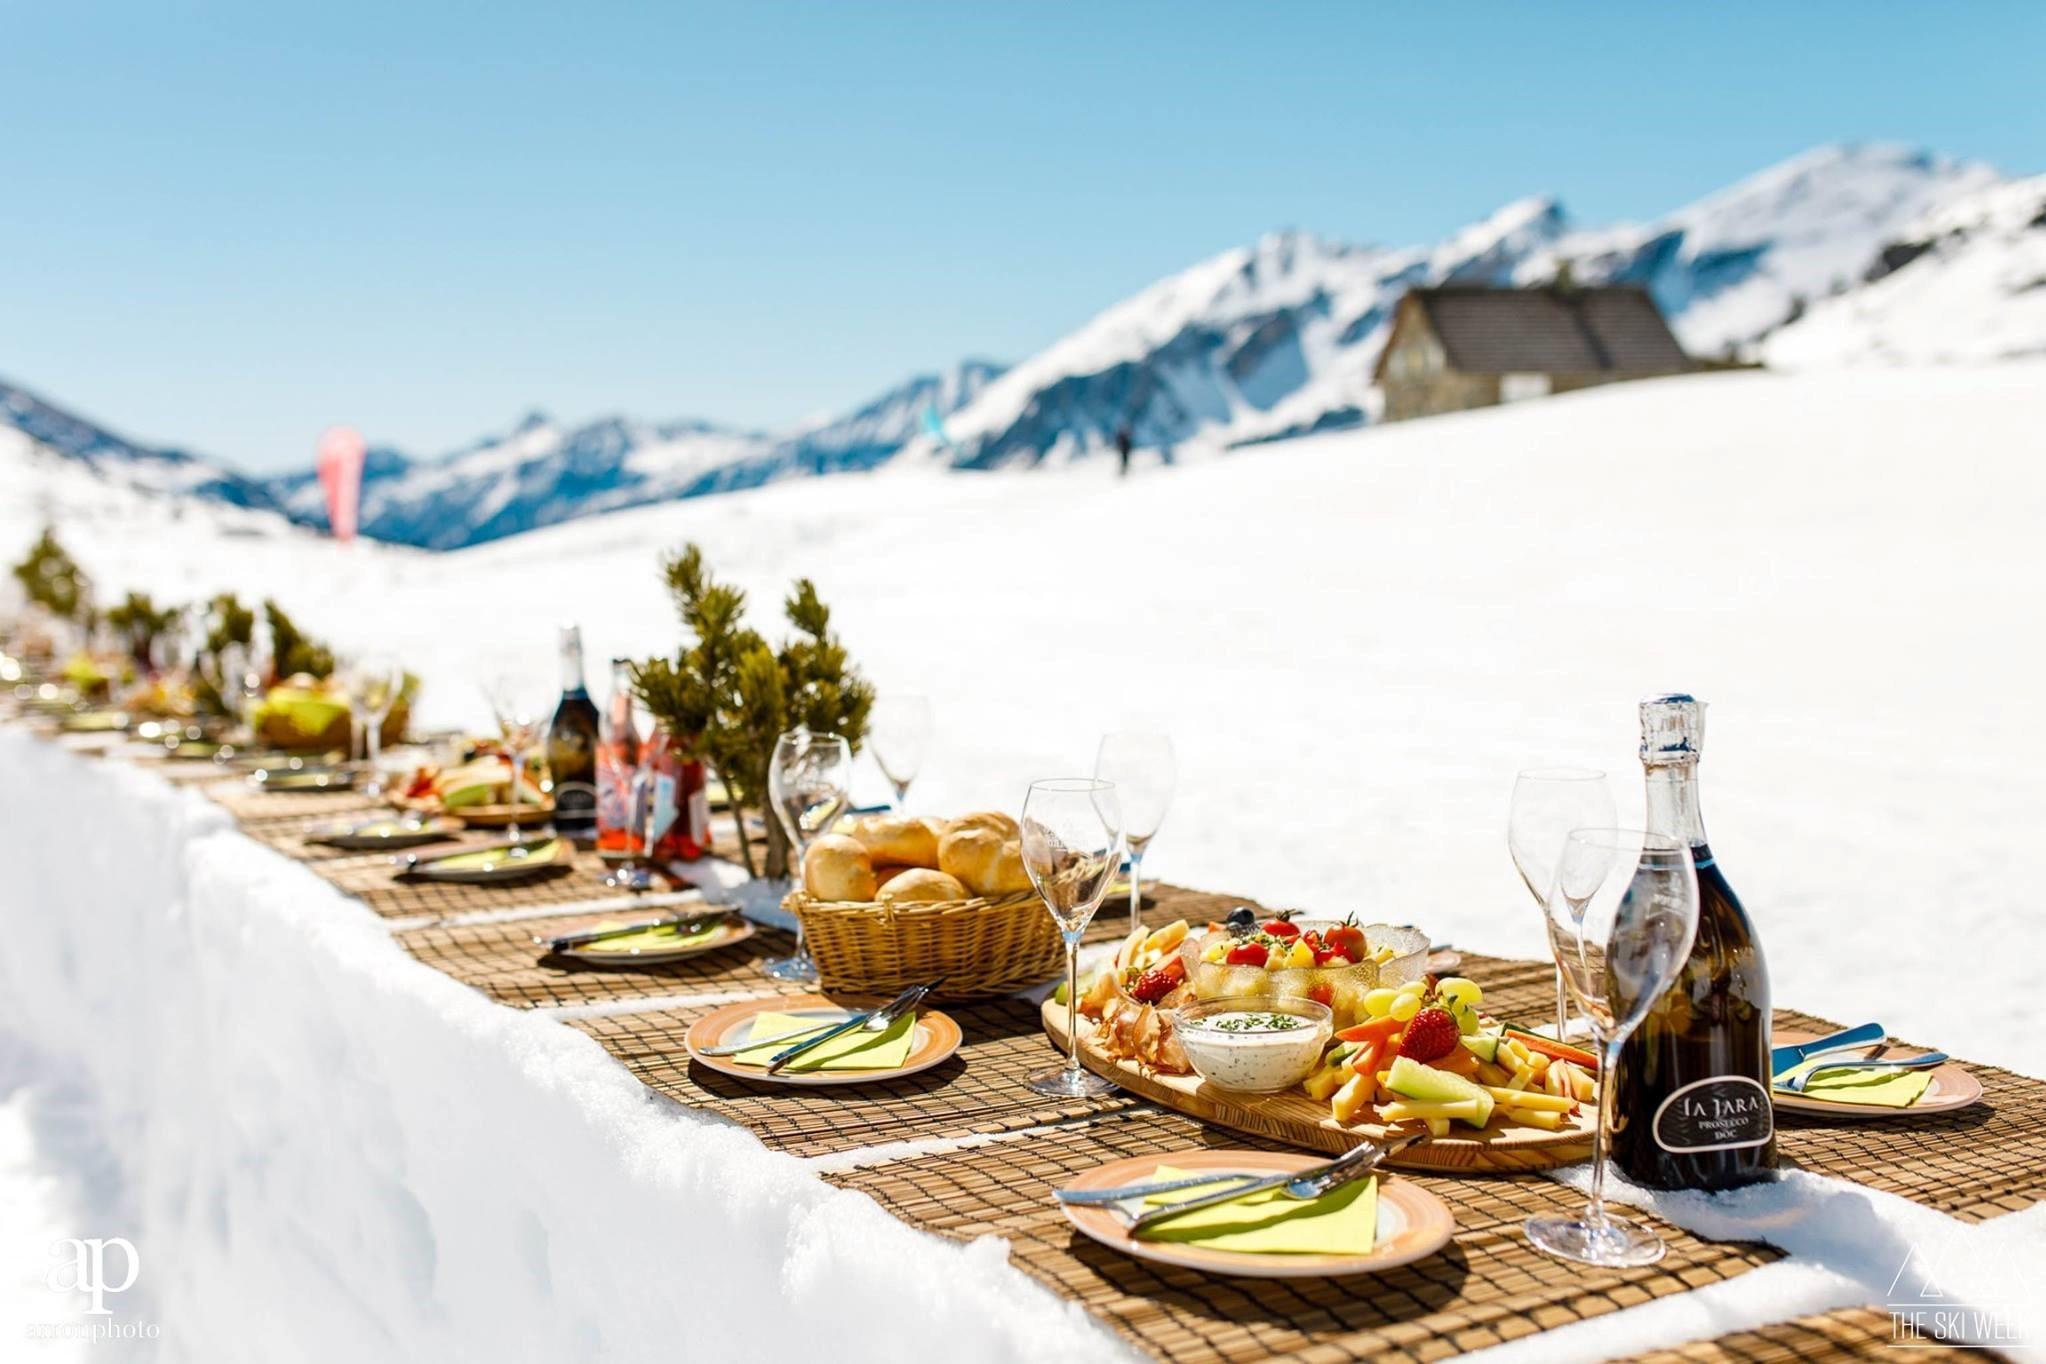 UNIEKE ERVARINGEN#tafelen in de sneeuw